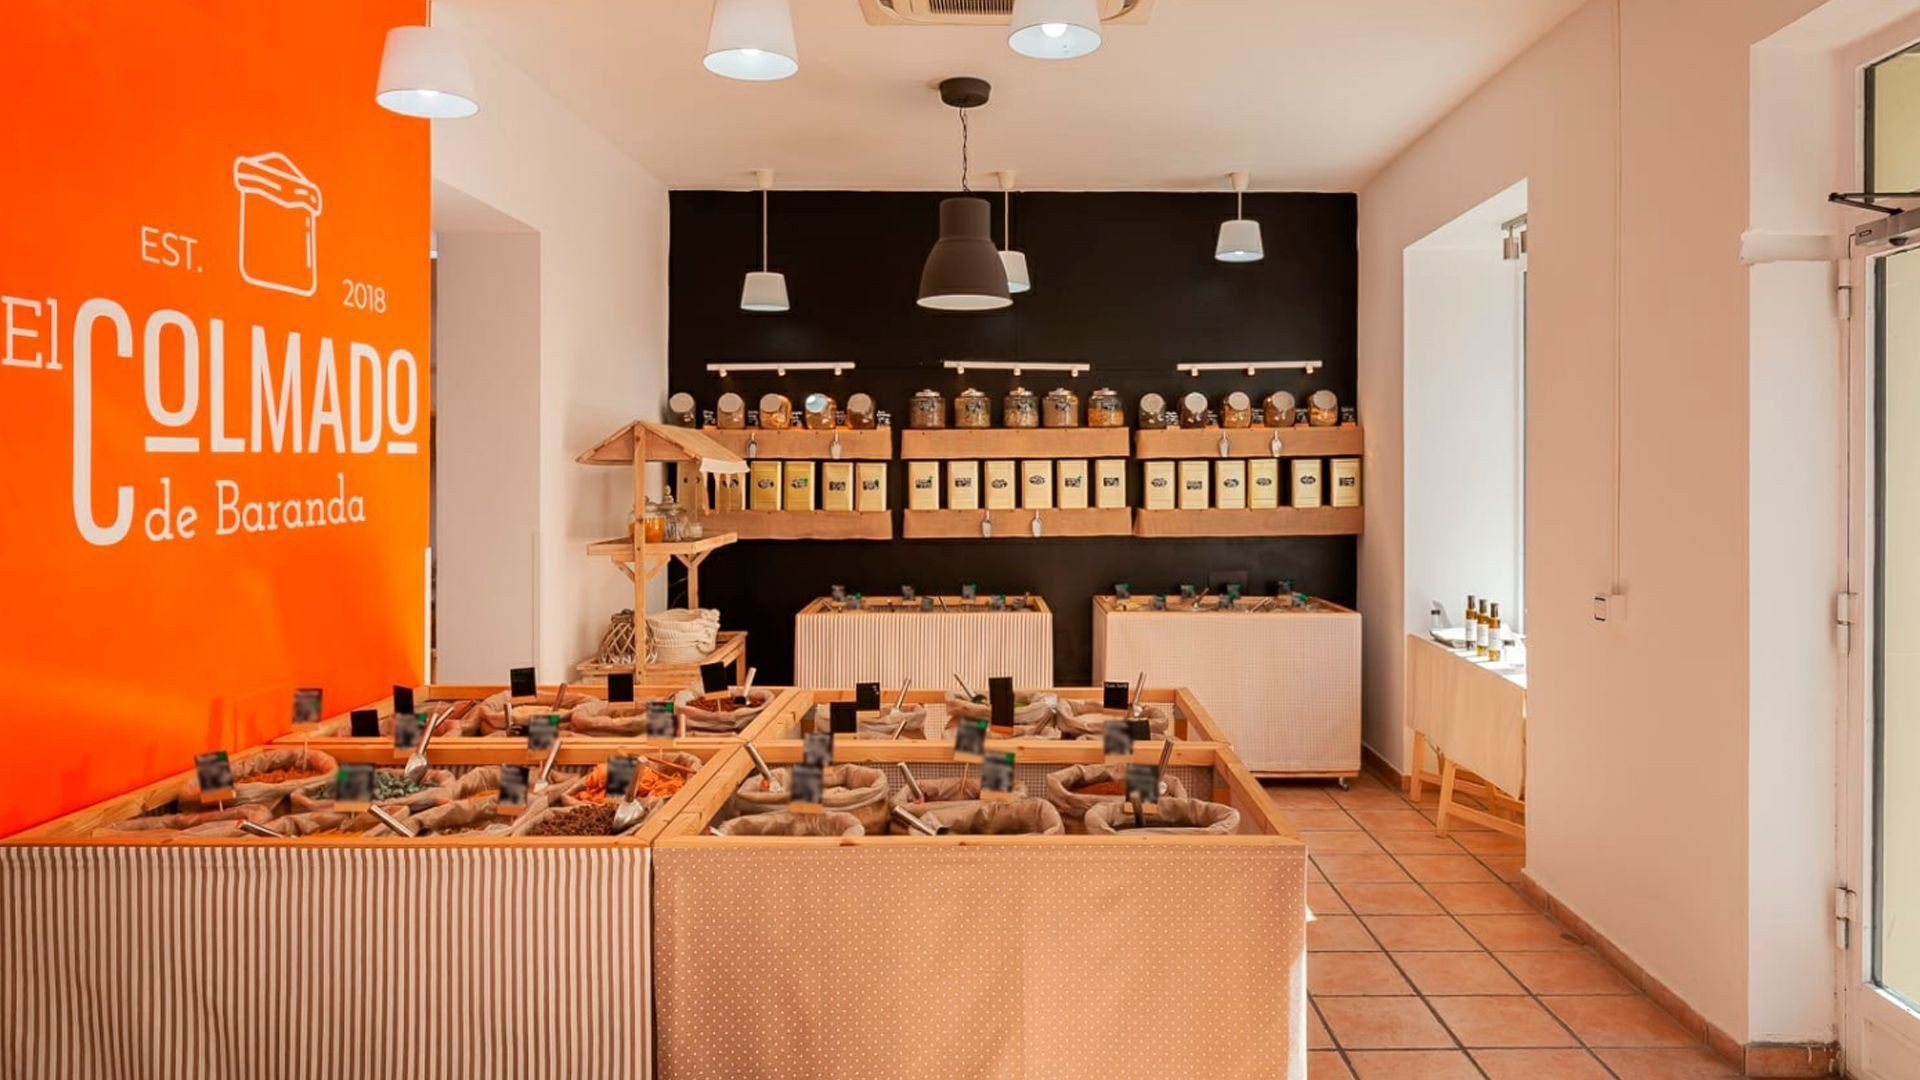 Tienda de alimentos naturales en Madrid